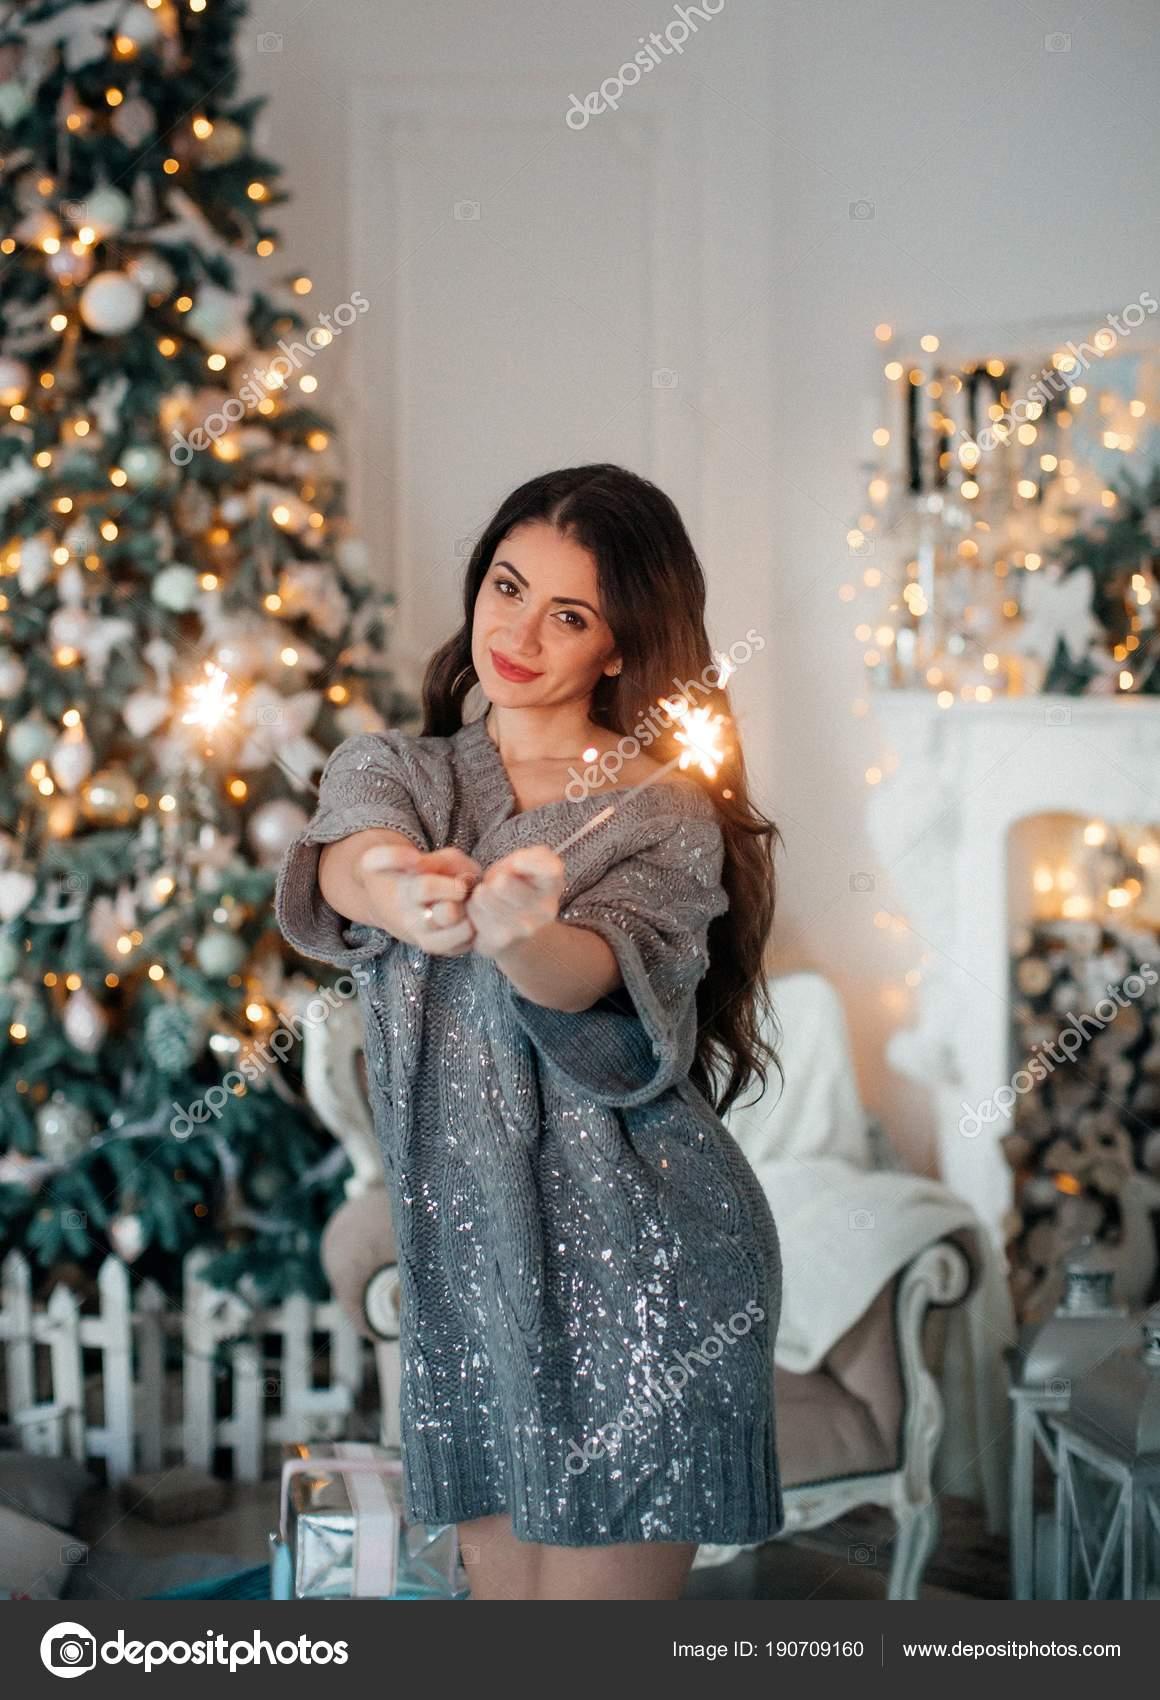 acea808a6a Hermosa Mujer Vestido Cerca Árbol Navidad Posando Casa — Fotos de Stock